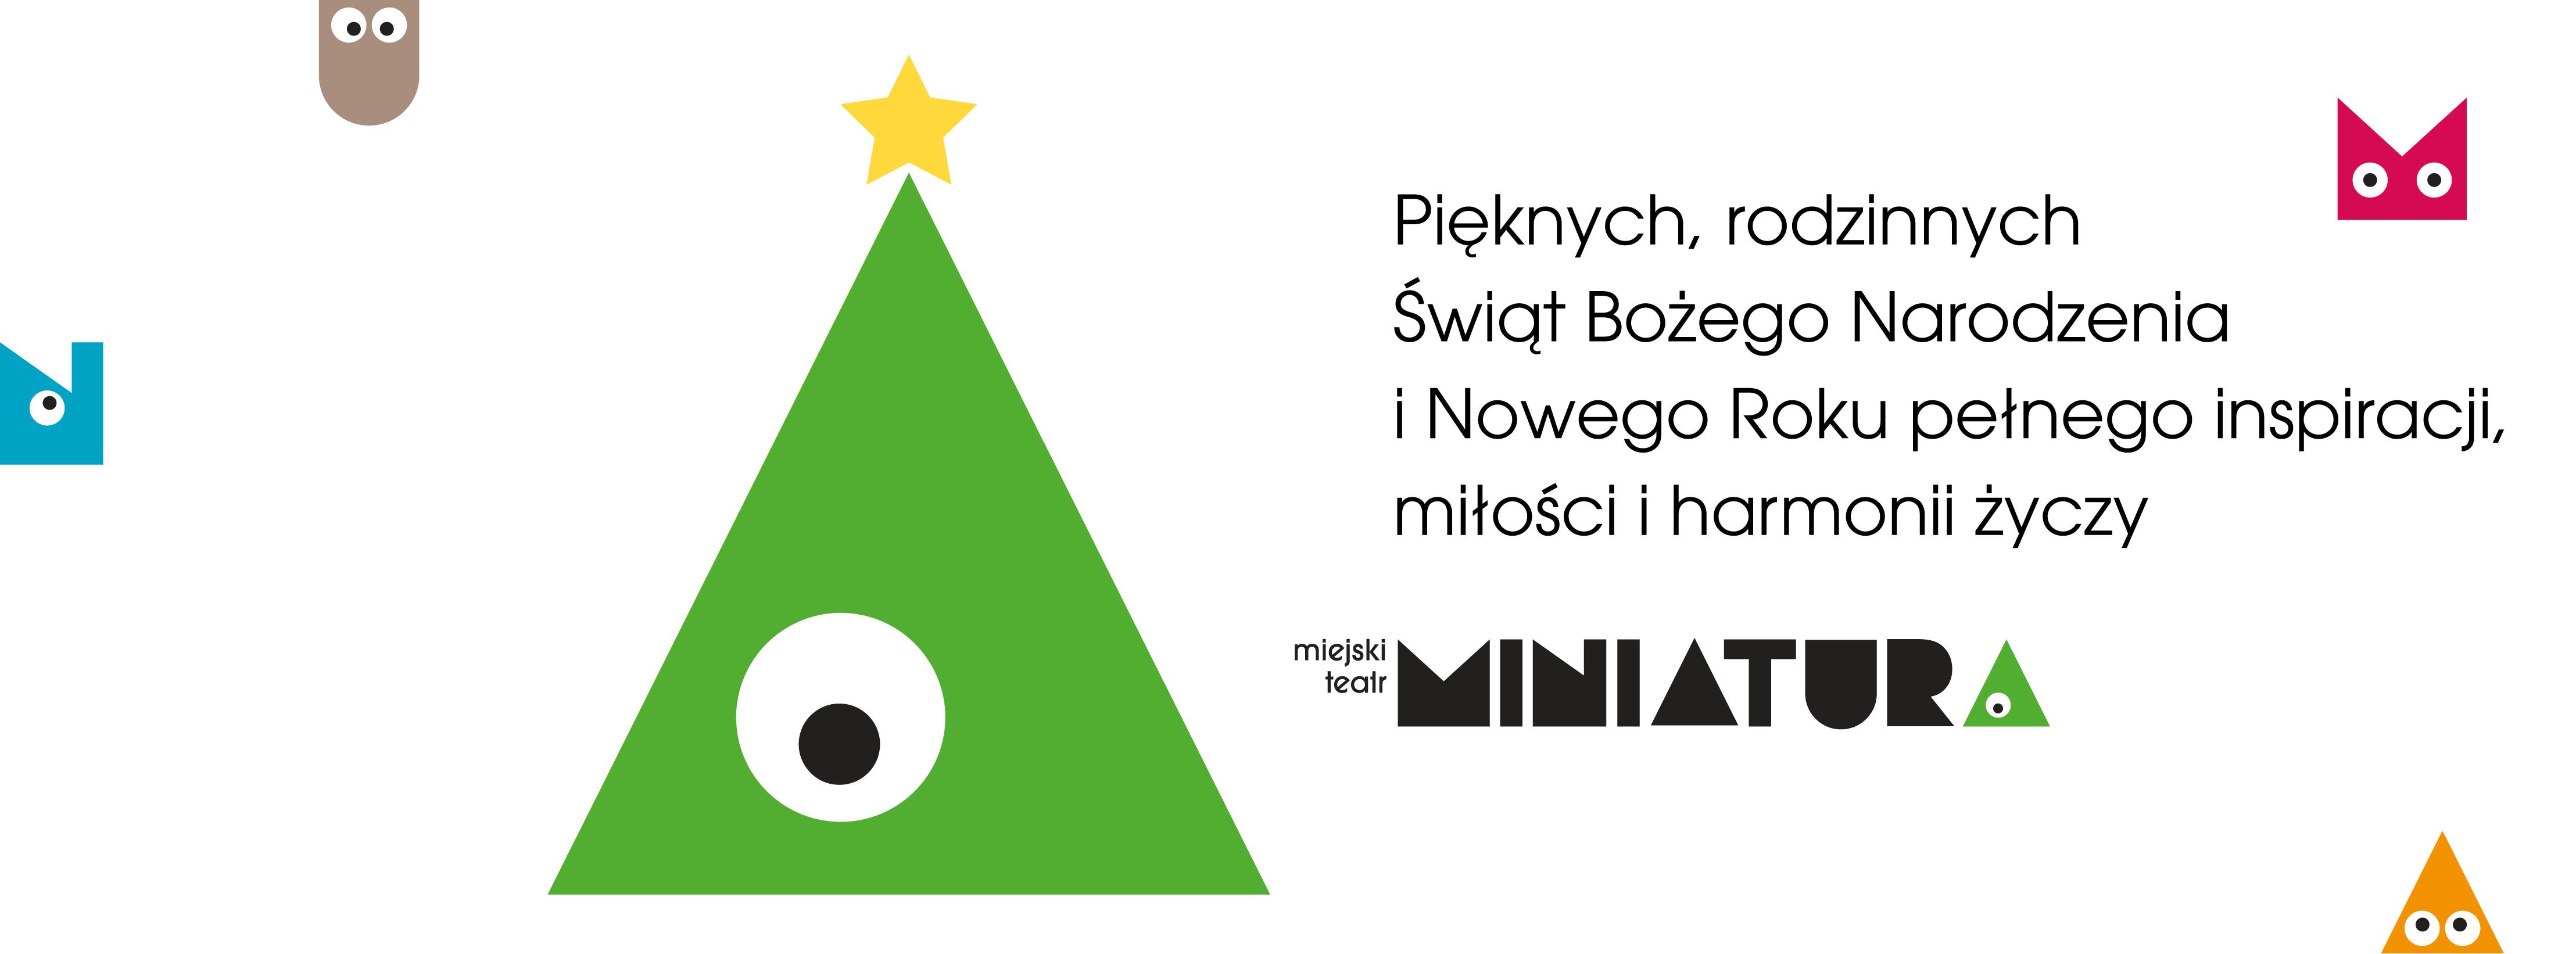 Miniatura_zyczenia_swiateczne_fejsbuk.png